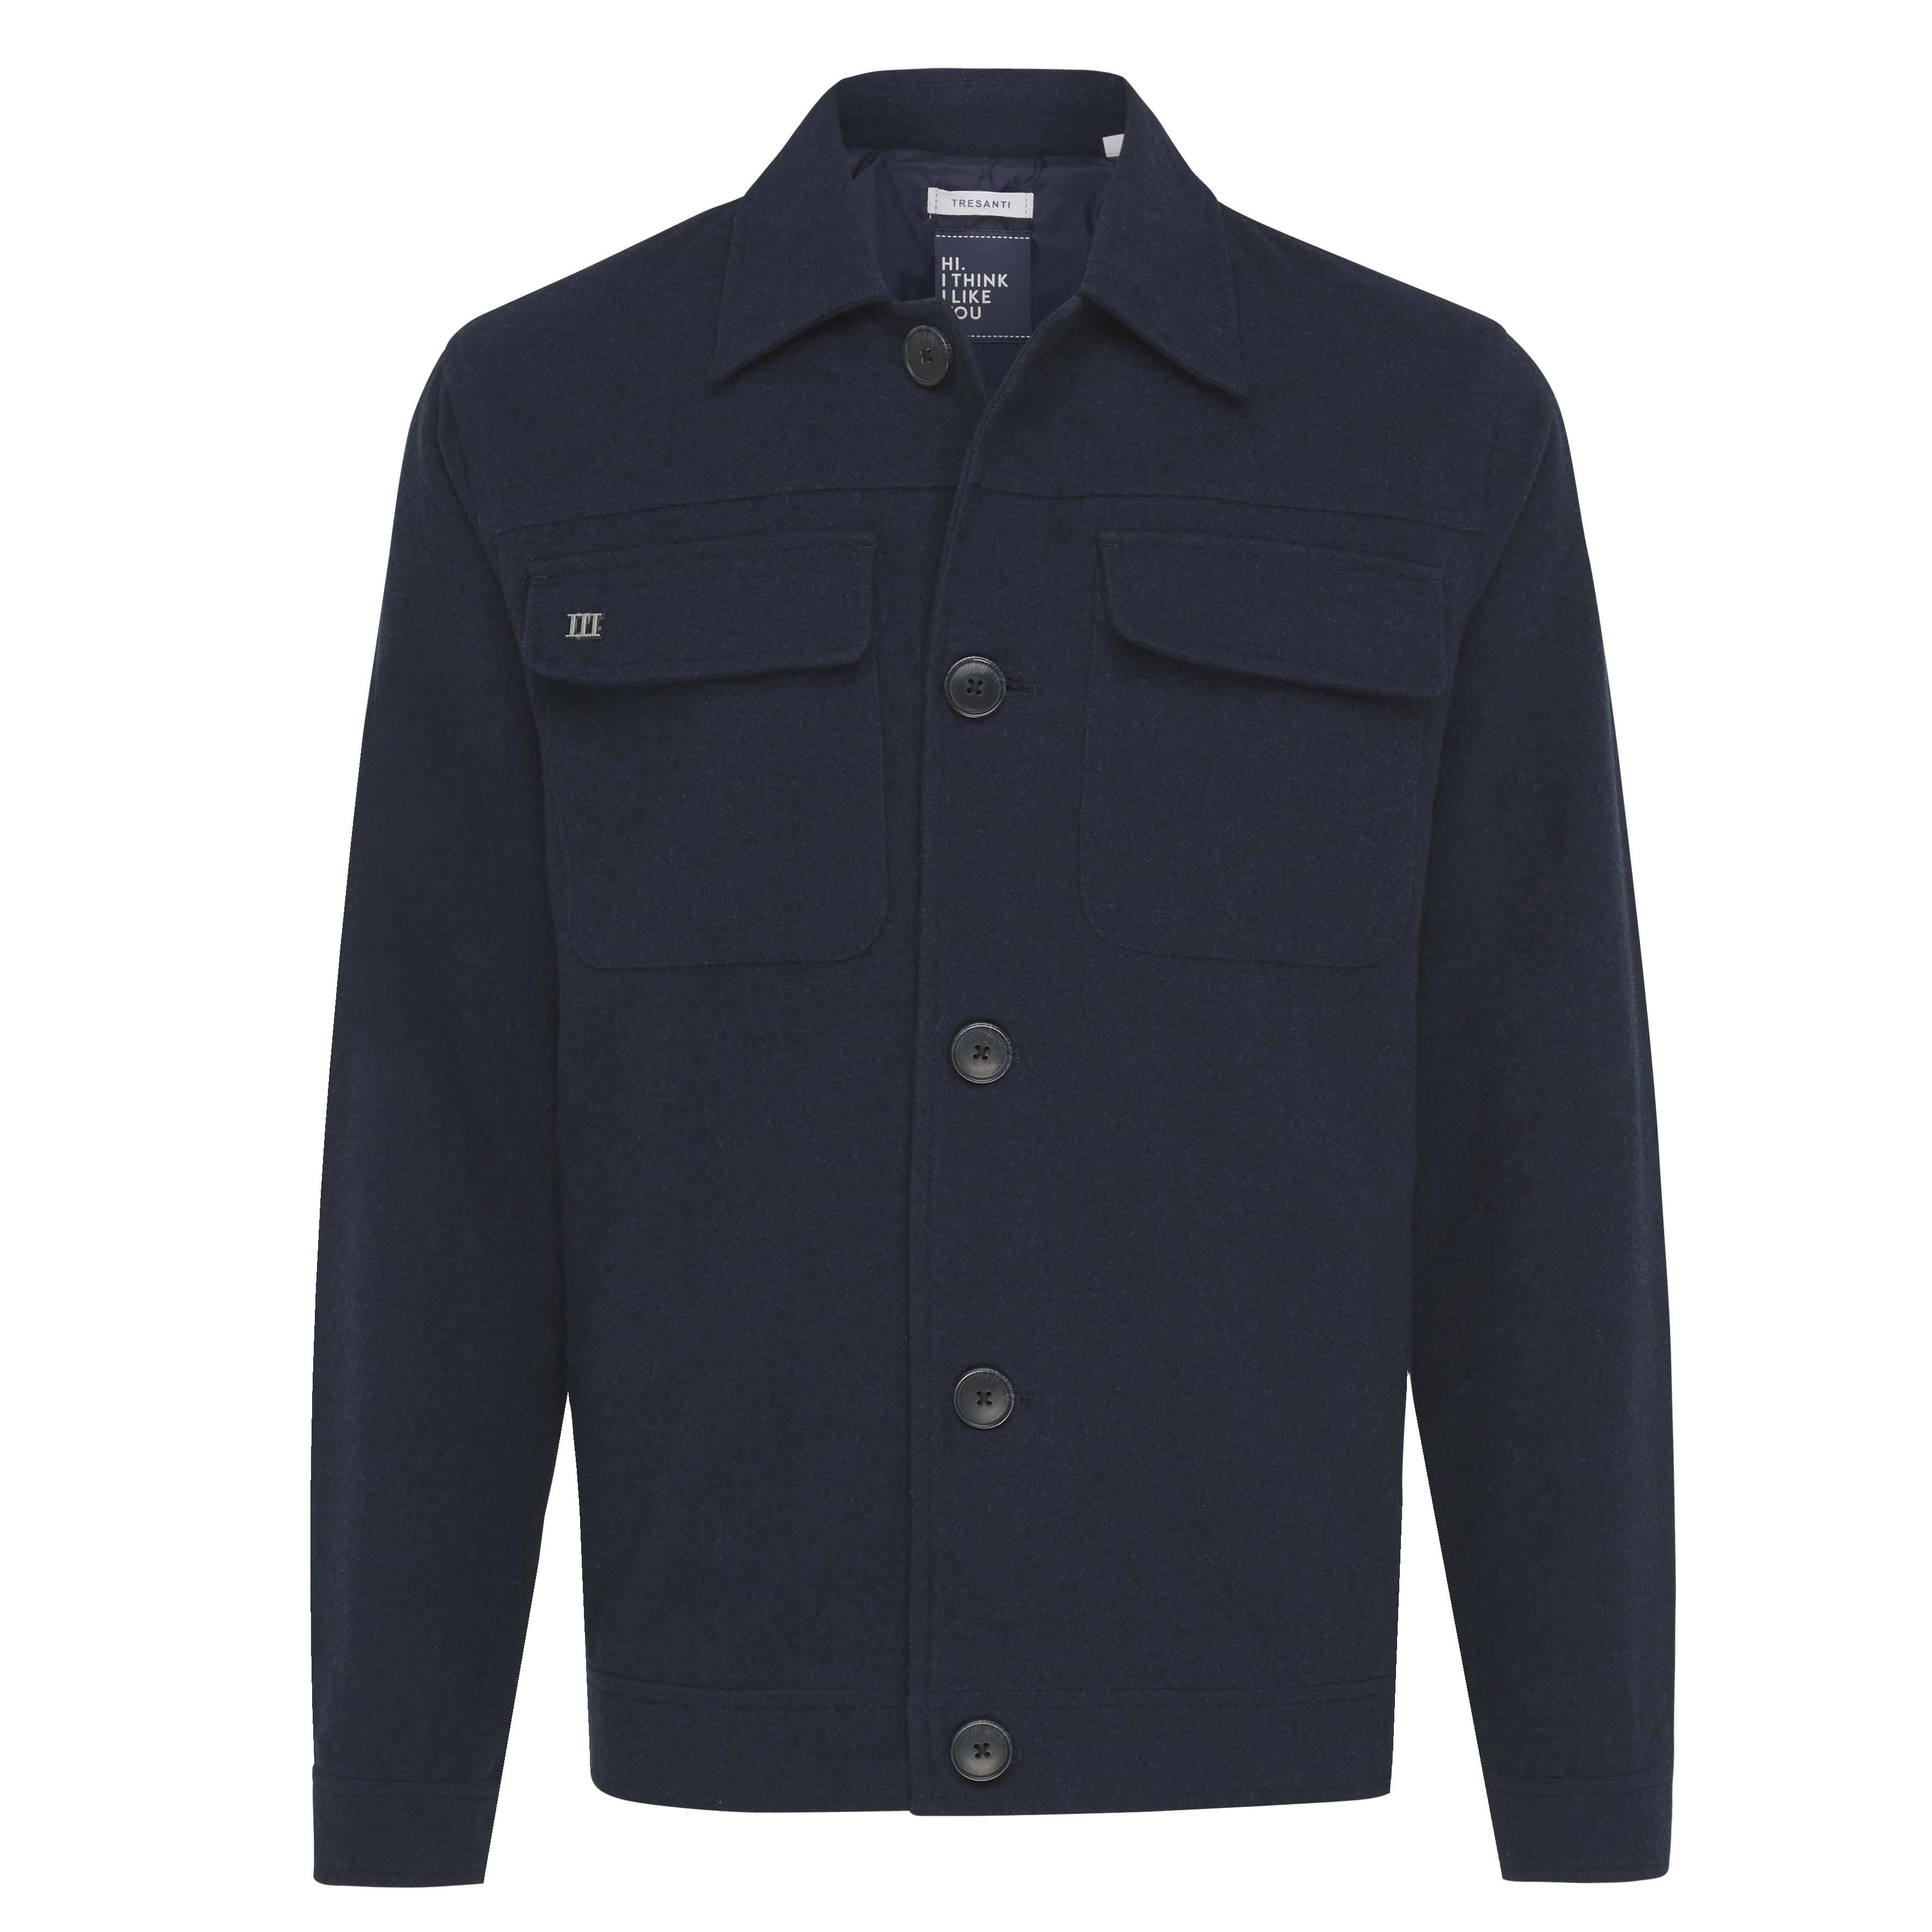 John | Jacket plain navy